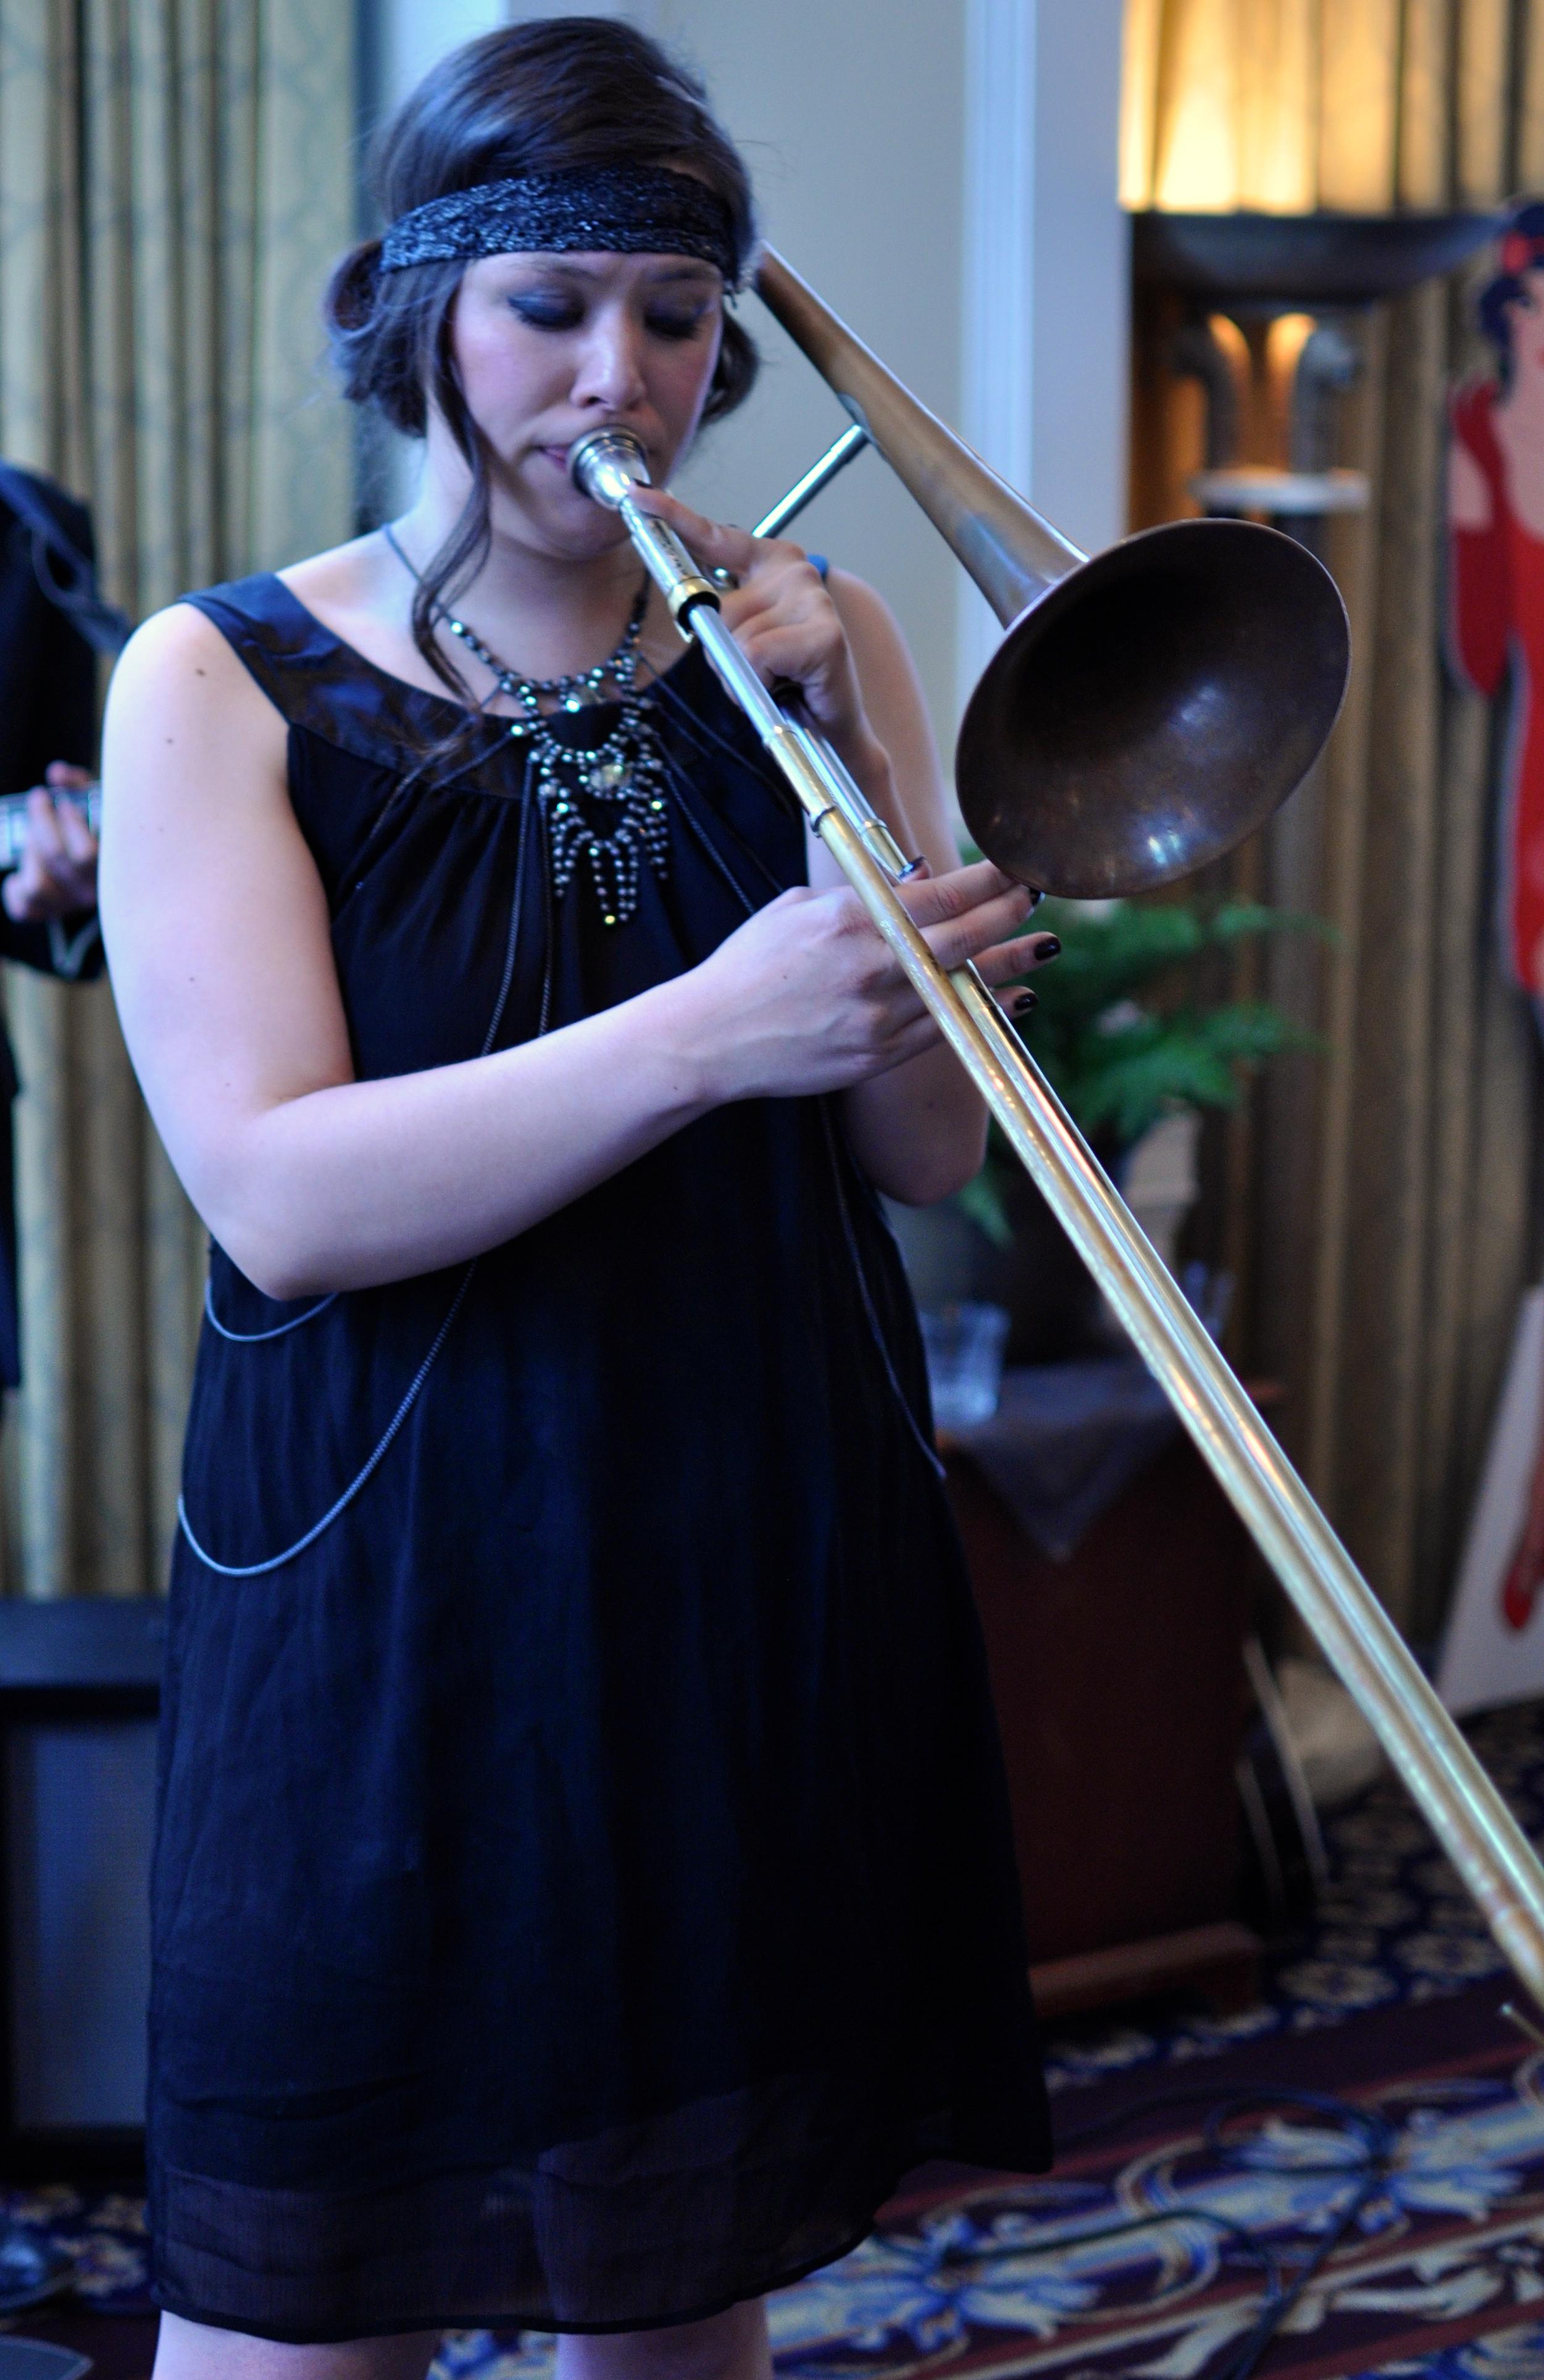 Audrey Achoa - Jazz Musician